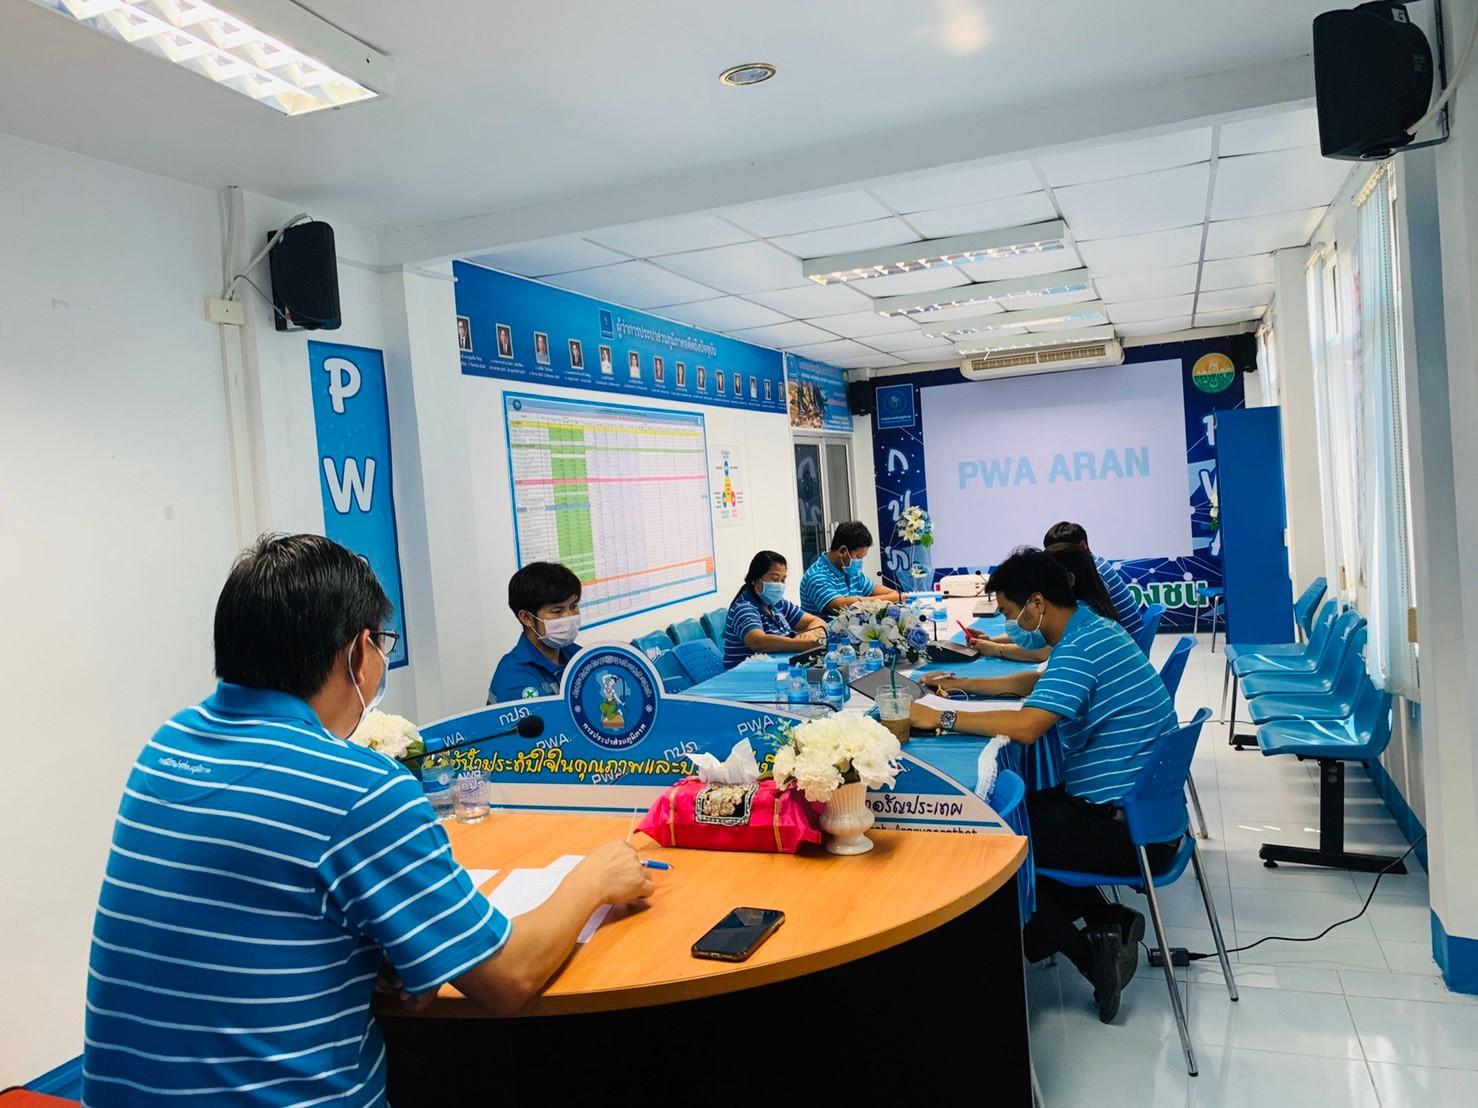 การประปาส่วนภูมิภาค(กปภ.)สาขาอรัญประเทศ นำโดยนายสกล ถุงทรัพย์ ผู้จัดการกปภ.สาขาอรัญประเทศ พร้อมด้วย พนักงานในสังกัด จัดกิจกรรมโครงการสนทนายามเช้า (Morning Talk) ประจำ เดือนมิถุนายน 2563